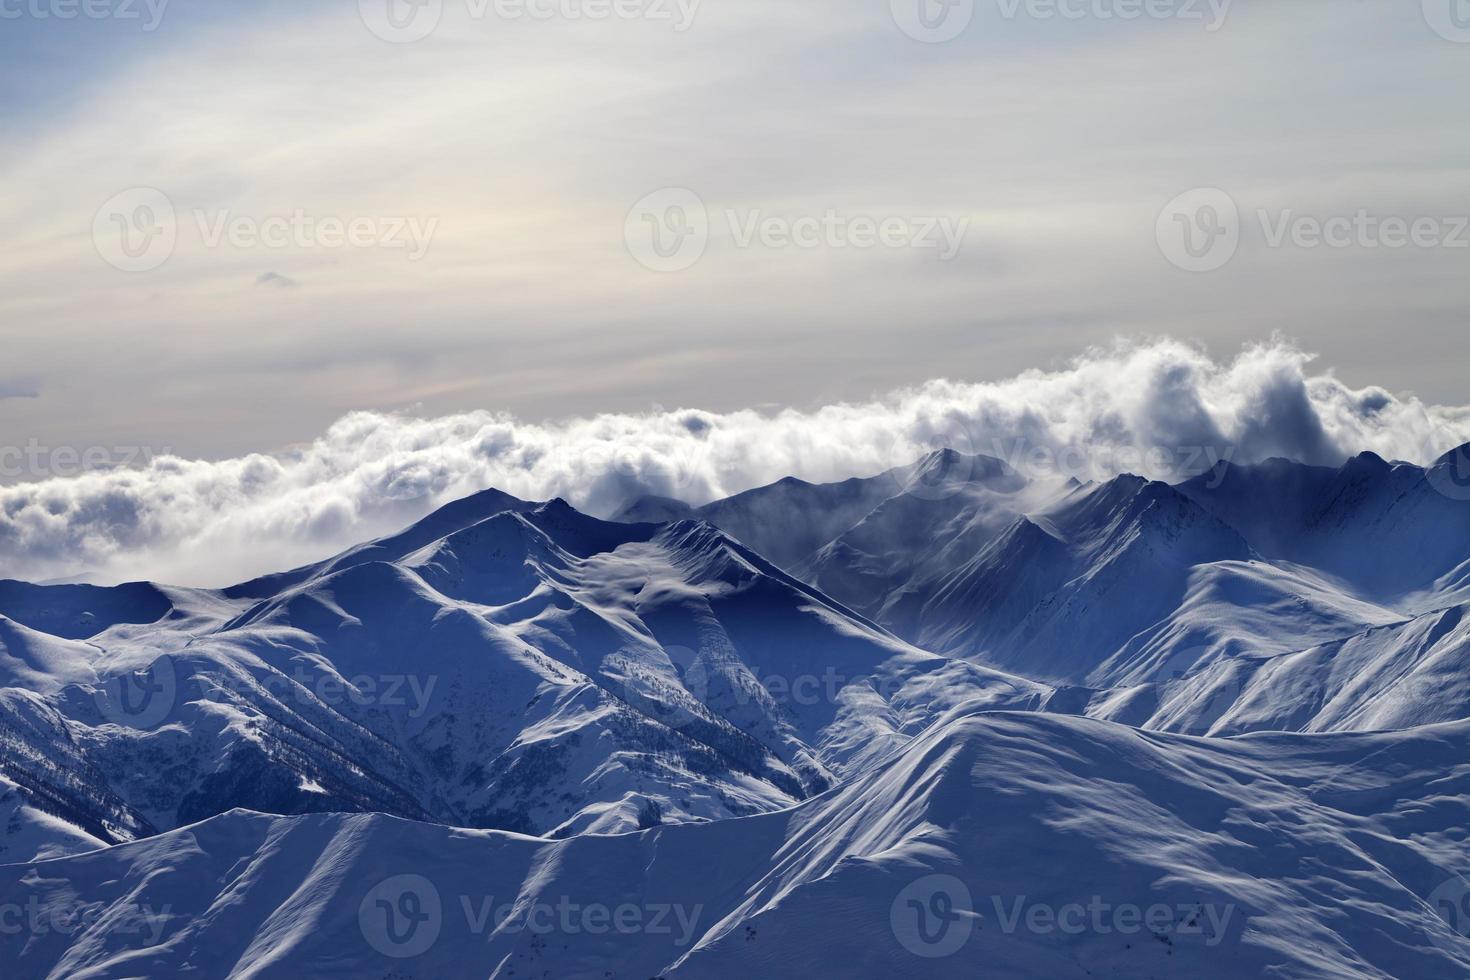 montagne innevate nella nebbia alla sera d'inverno foto